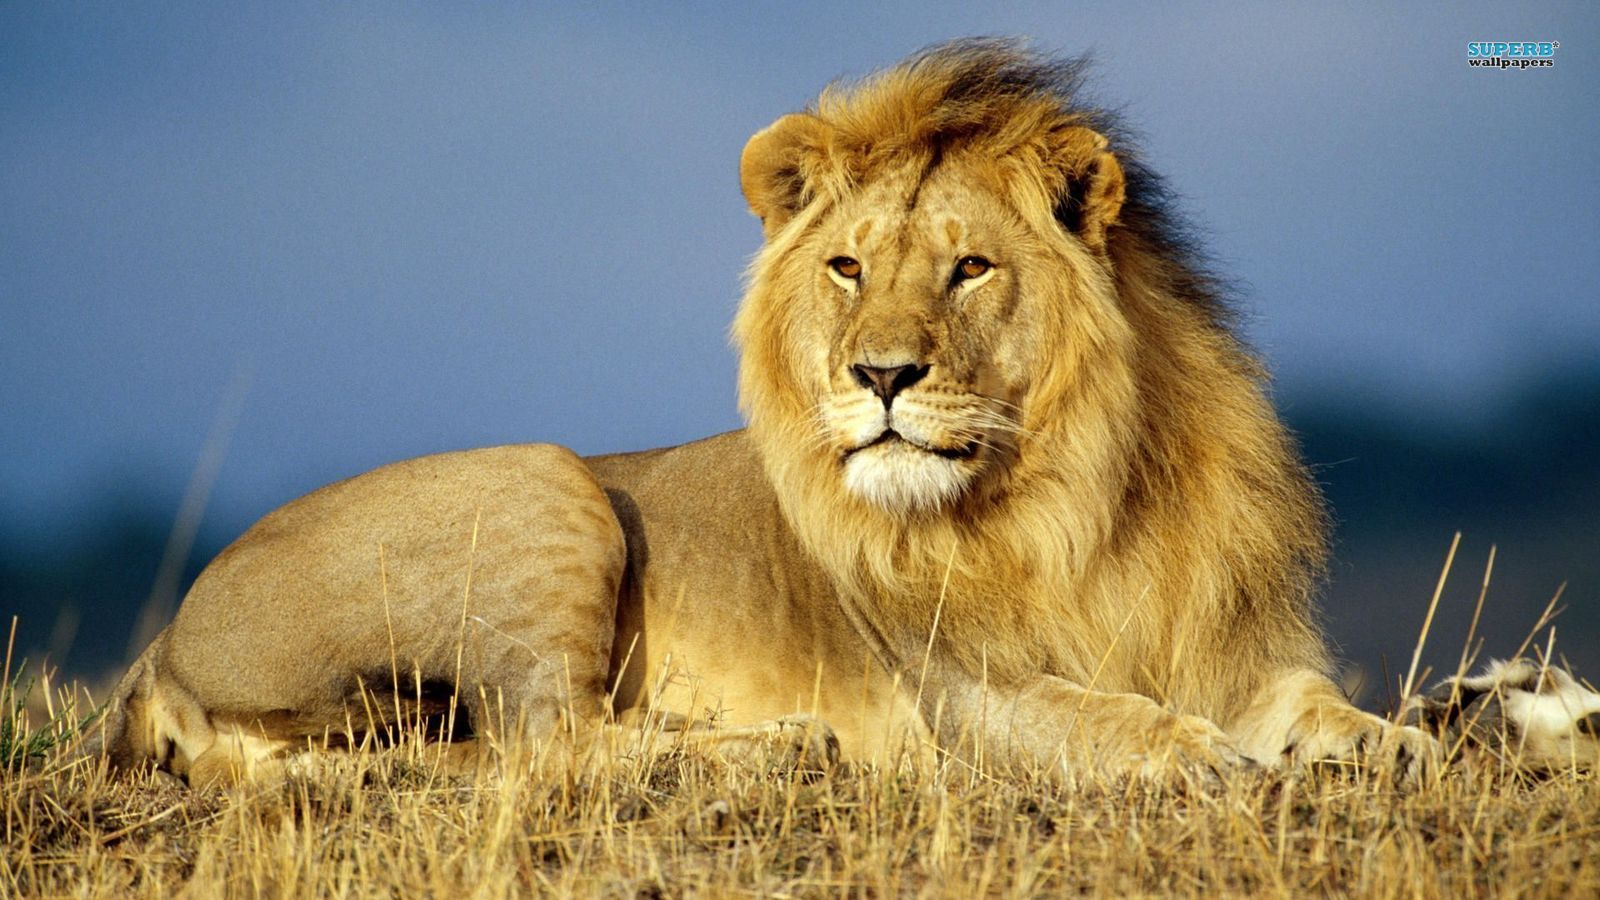 Relaxed Lion   binatang wallpaper 20   fanpop